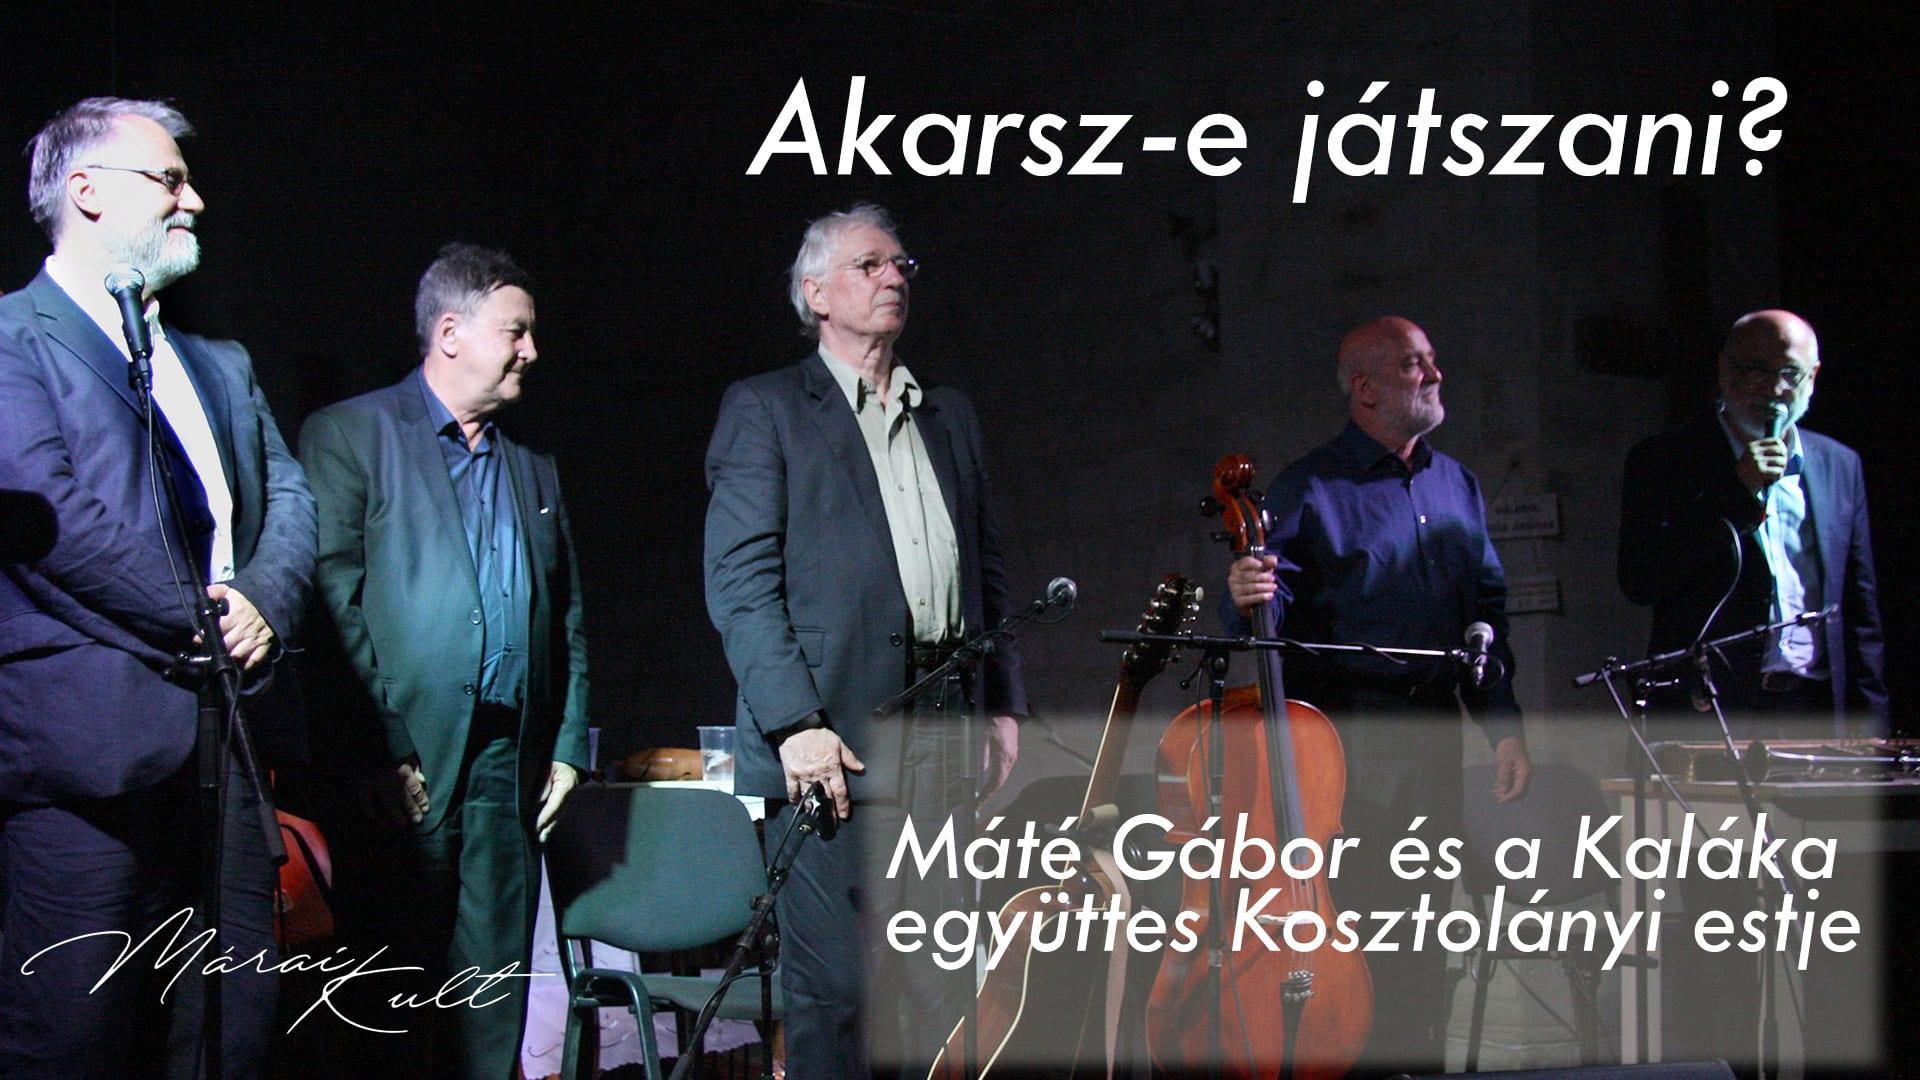 ZENE SZÓVAL - AKARSZ-E JÁTSZANI? - Máté Gábor és a Kaláka együttes Kosztolányi estje